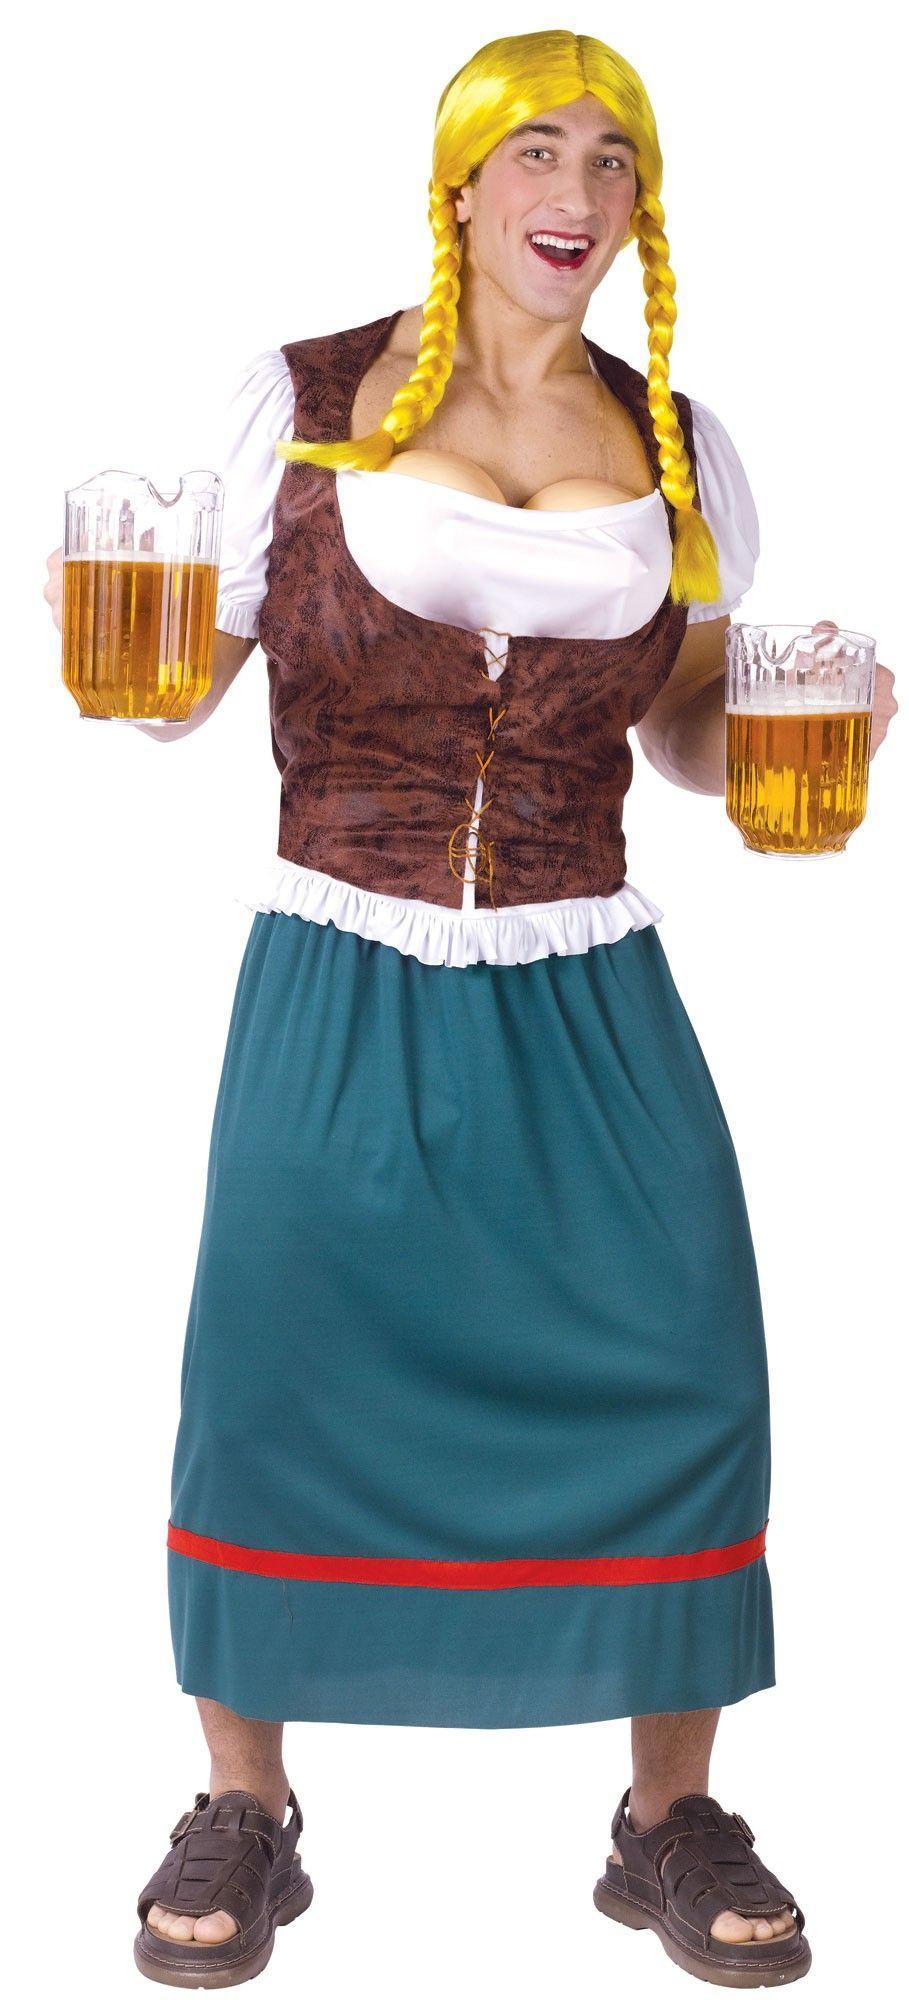 Мужской костюм Баварской красотки (42-52) - Официантки и повара, р.42-52